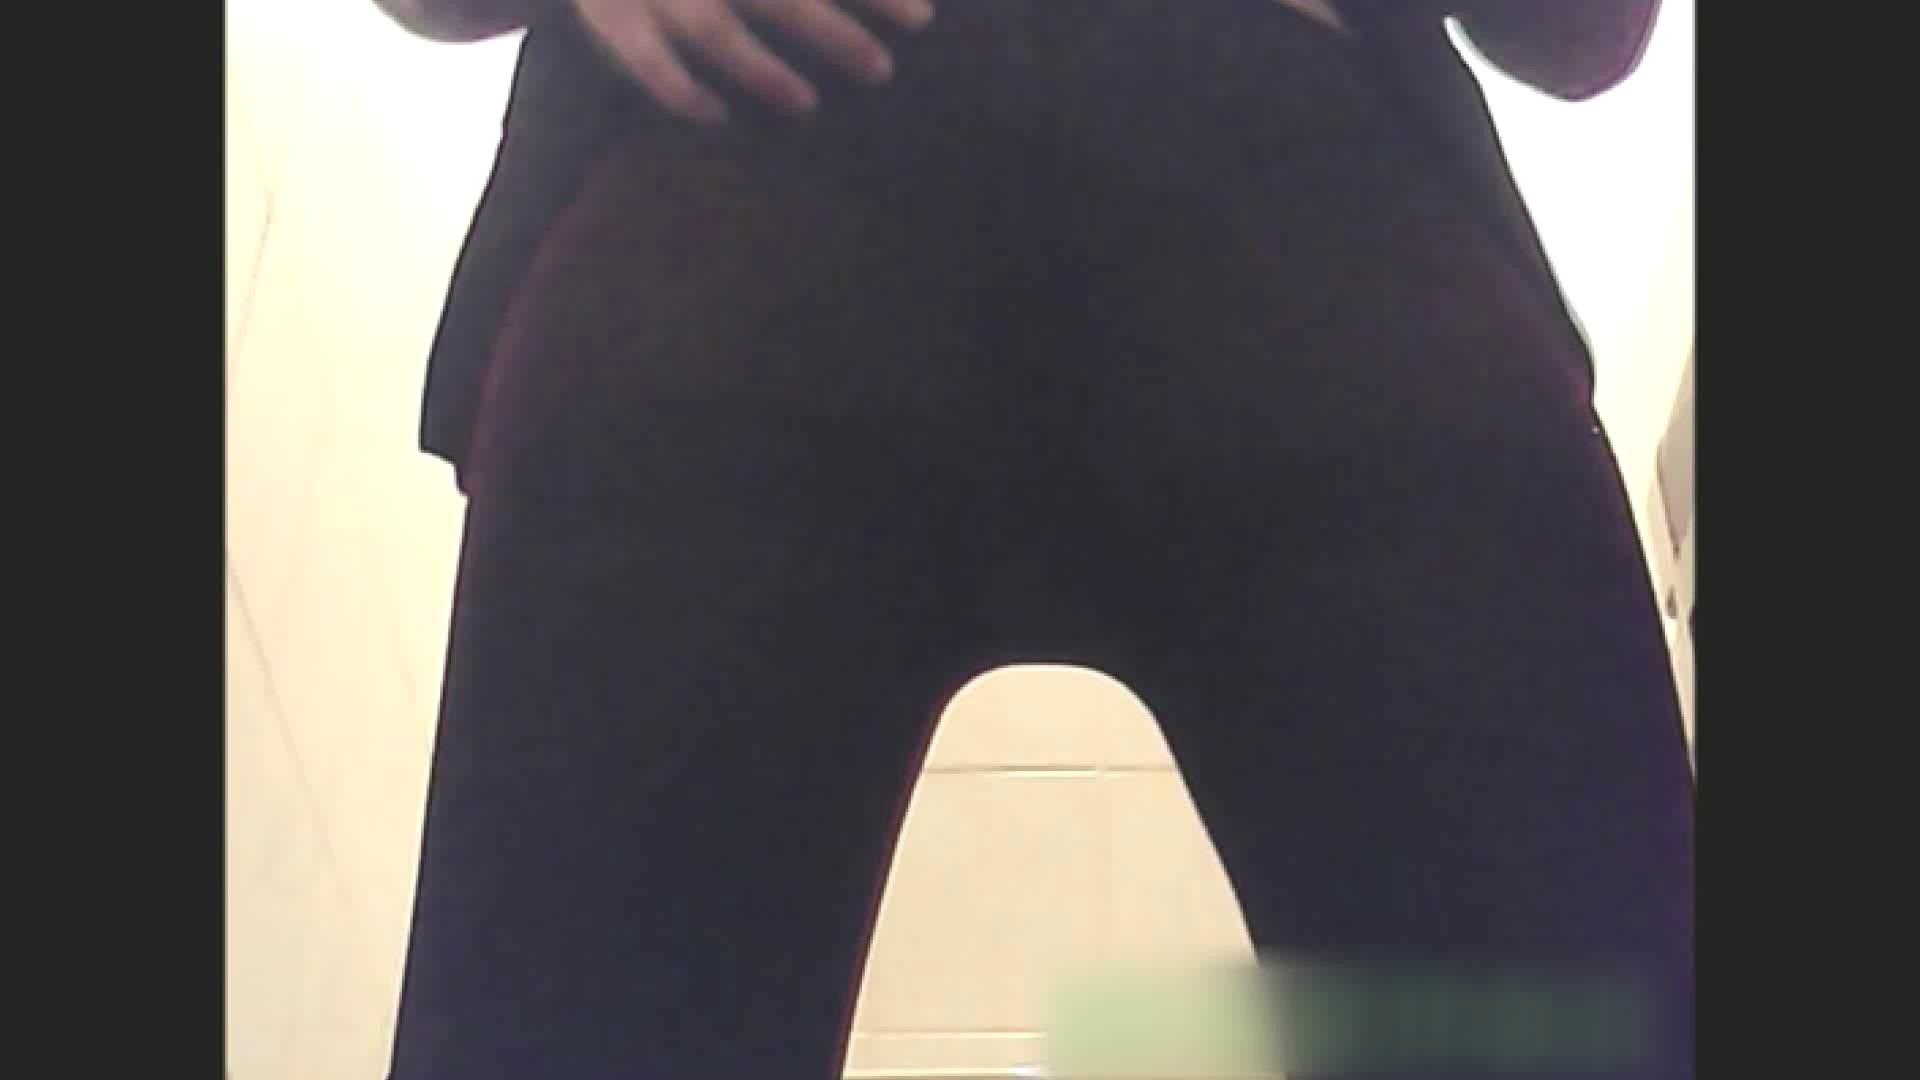 実録!!綺麗なお姉さんのトイレ事情・・・。vol.15 お尻 AV動画キャプチャ 96pic 95